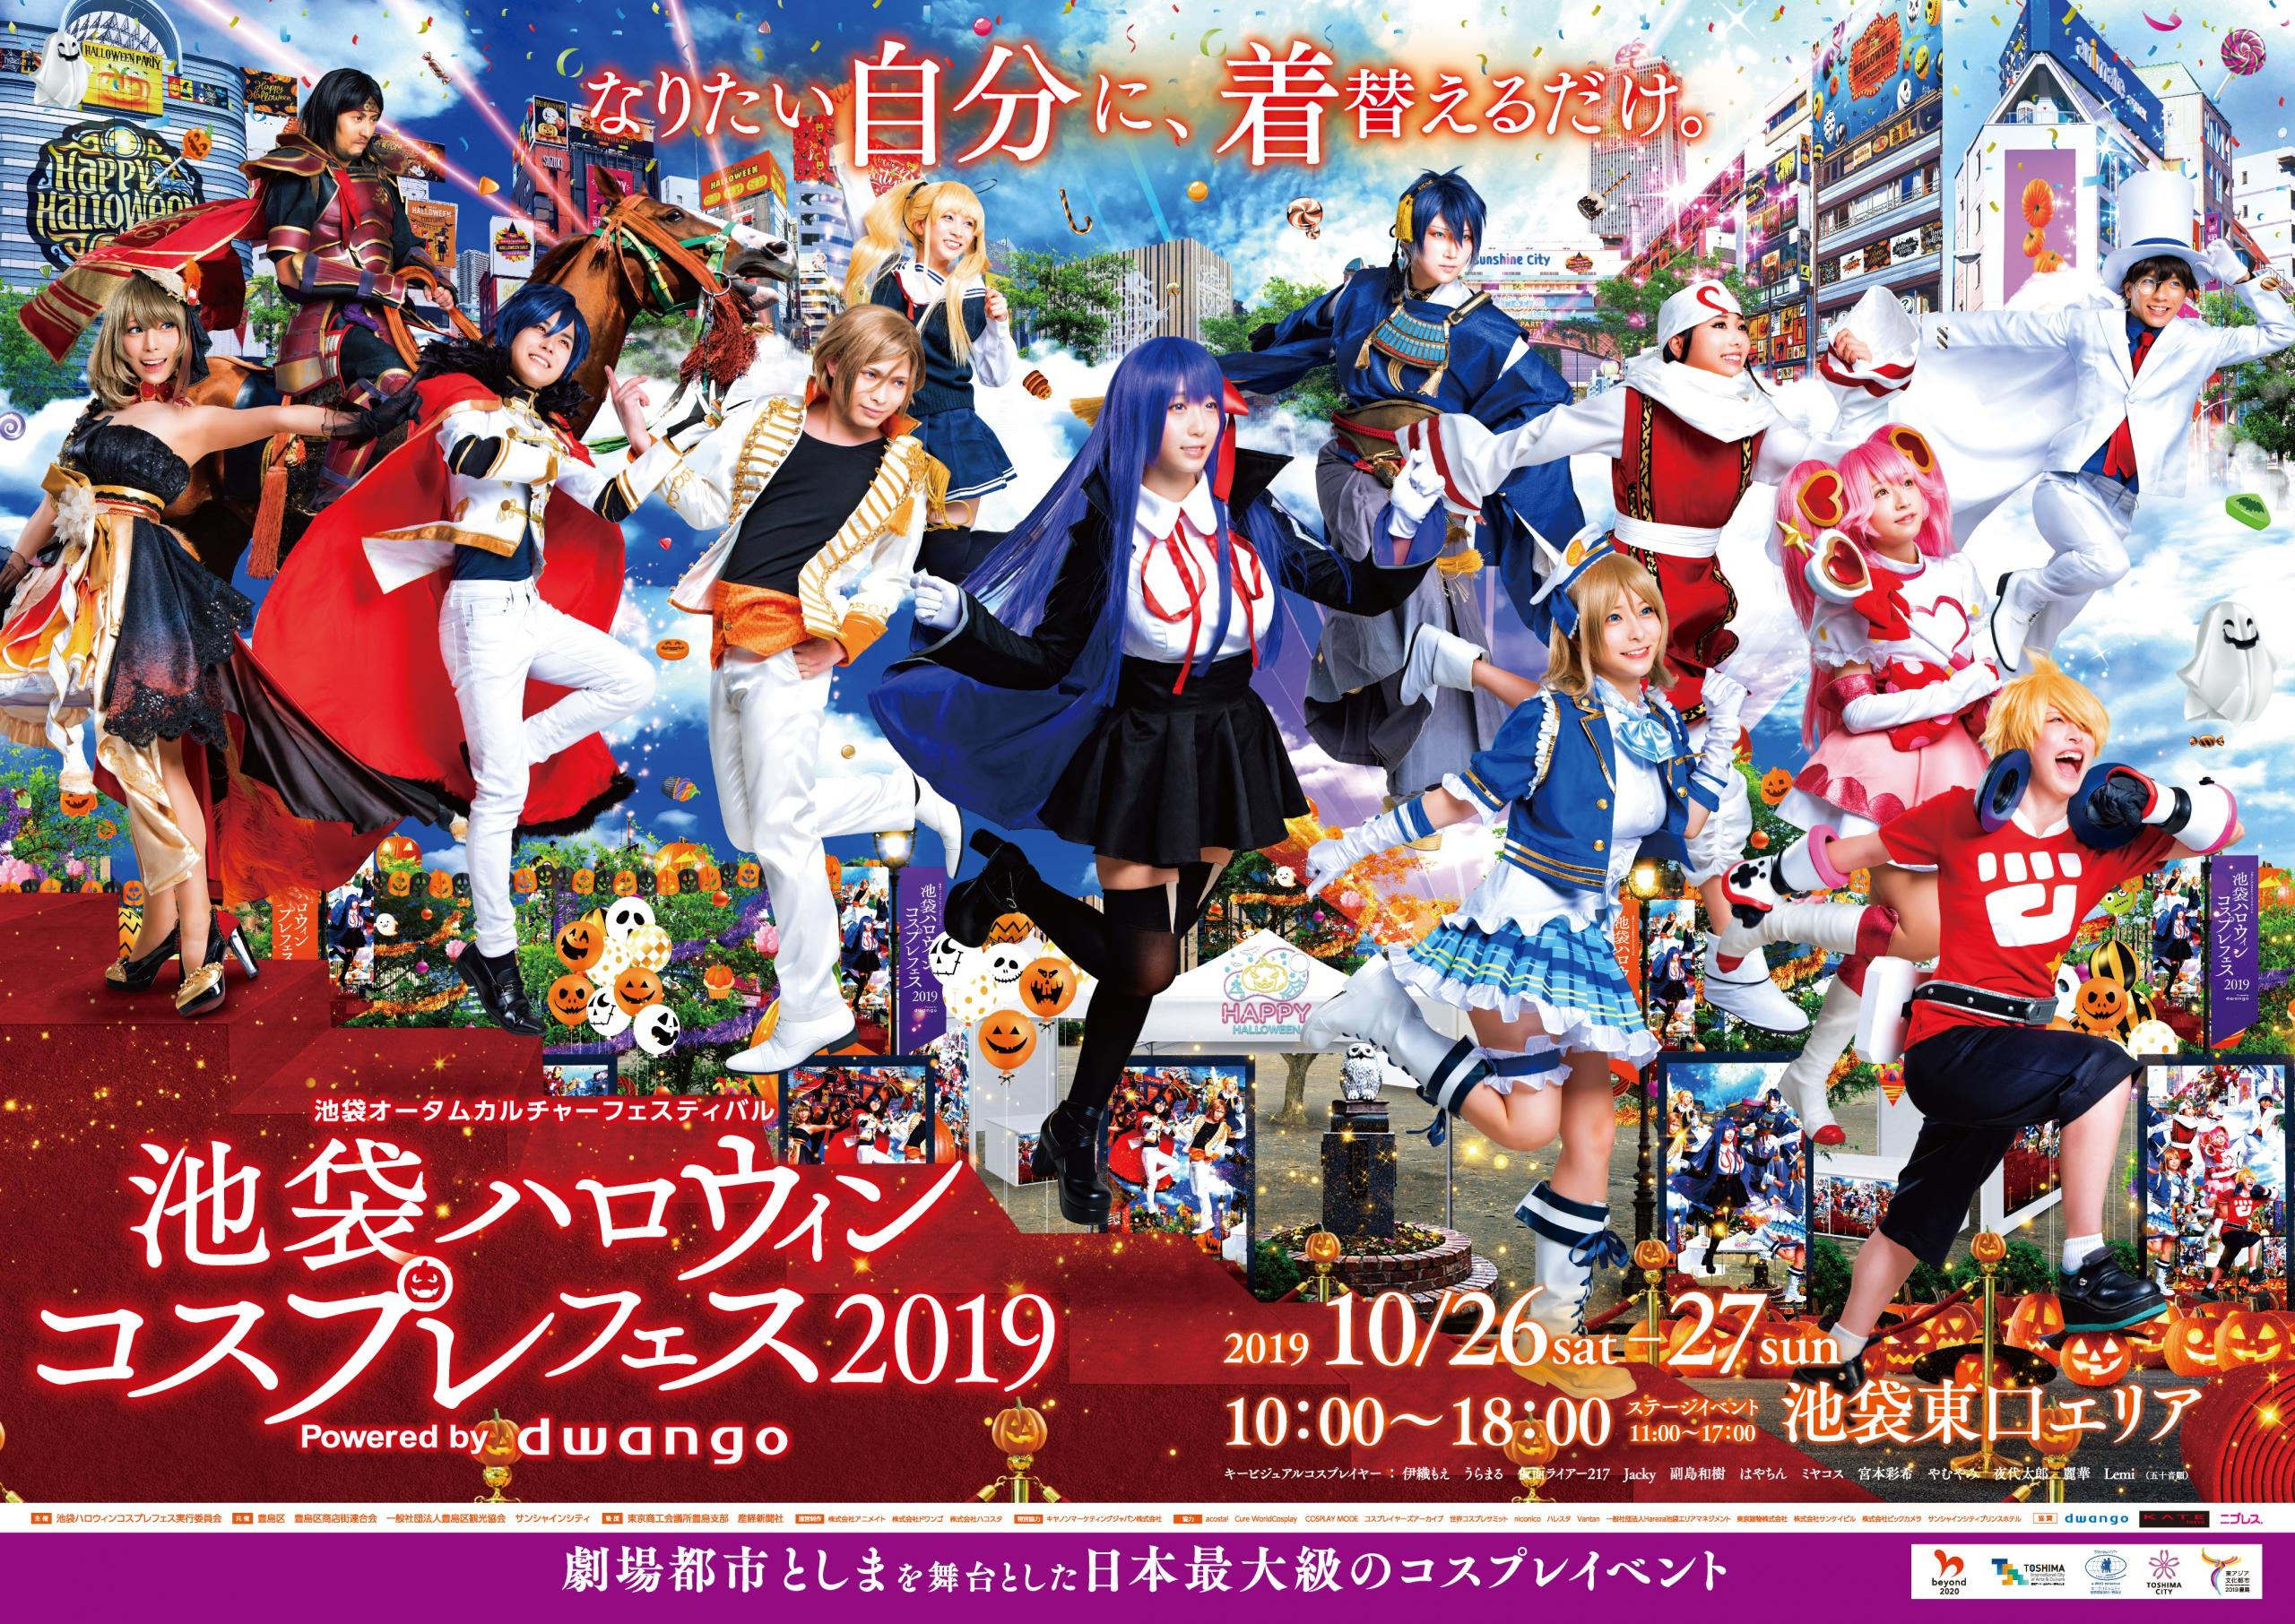 20190927_ikebukuro_cos_poster_yoko_B0_fin_ol